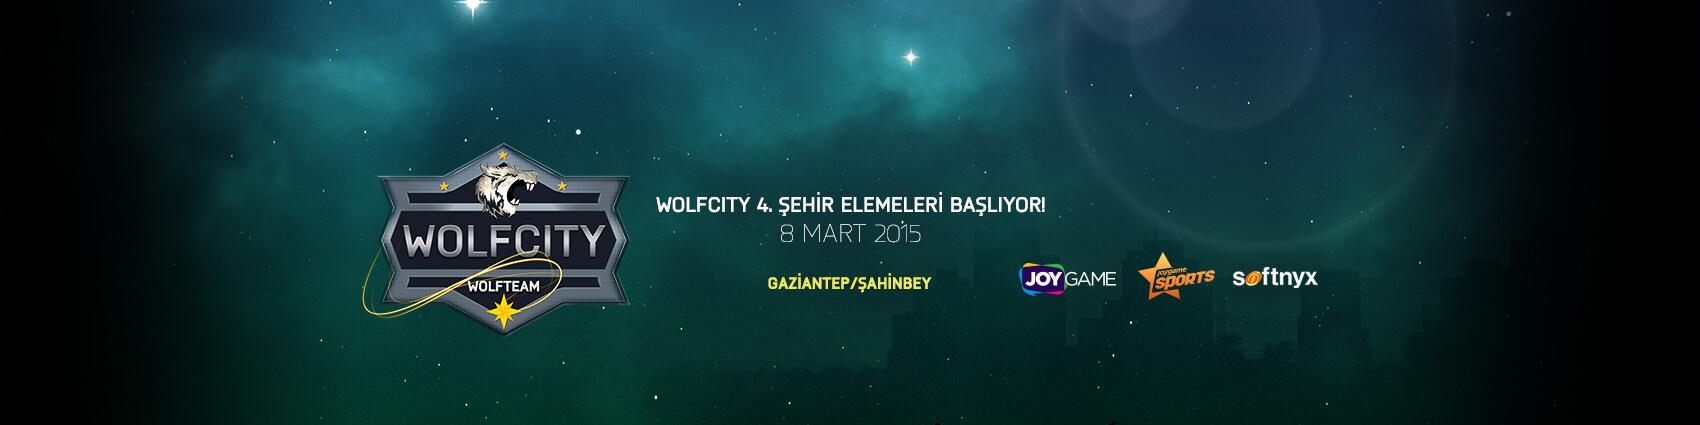 Wolfcity 4. Şehir Elemeleri Başlıyor